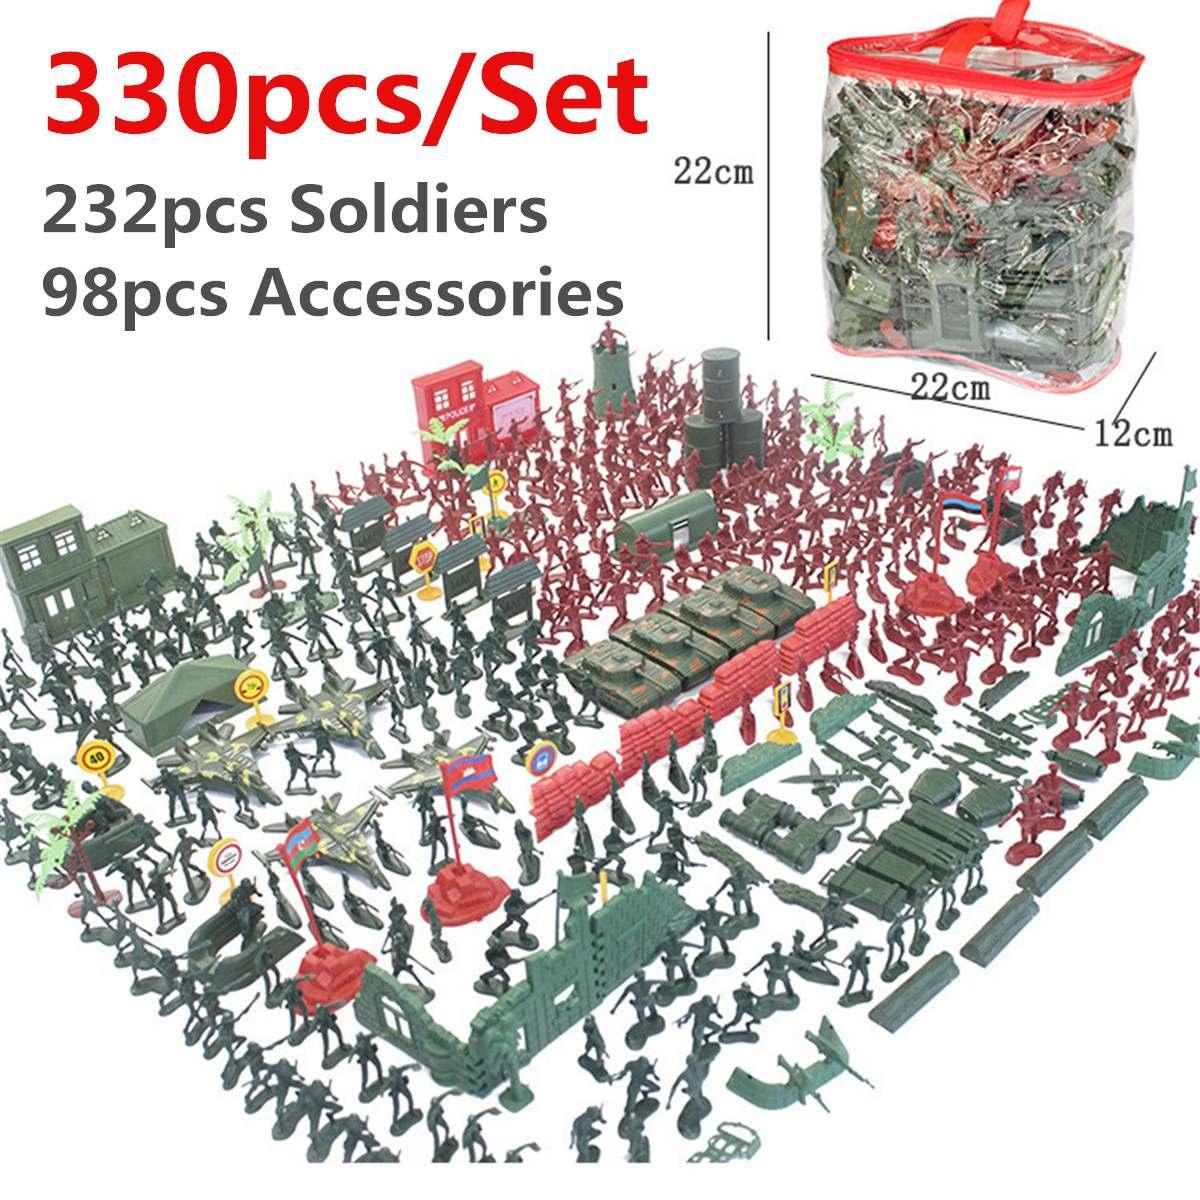 Рождественский подарок 290 шт./330 шт./компл. военный пластиковые модели Набор для игры игрушка Army Men цифры и аксессуары декора подарок модель и...